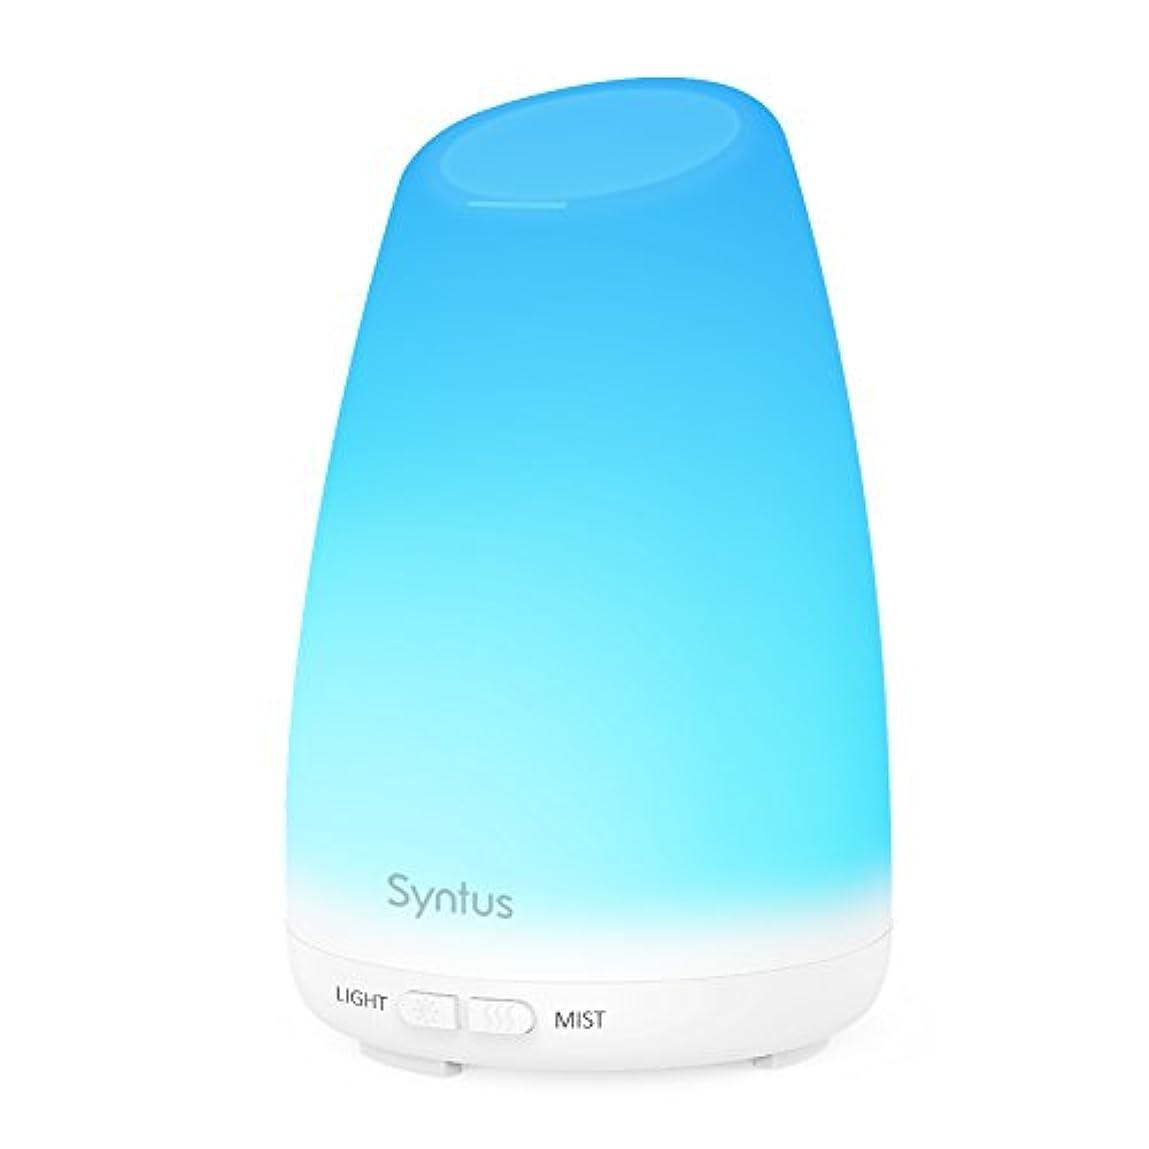 クレデンシャルぴったり羨望Syntus 150ml エッセンシャルオイルディフューザー ポータブル超音波式アロマセラピーディフューザー 7色に変わるLEDライト 変更可能なミストモード 水切れ自動停止機能